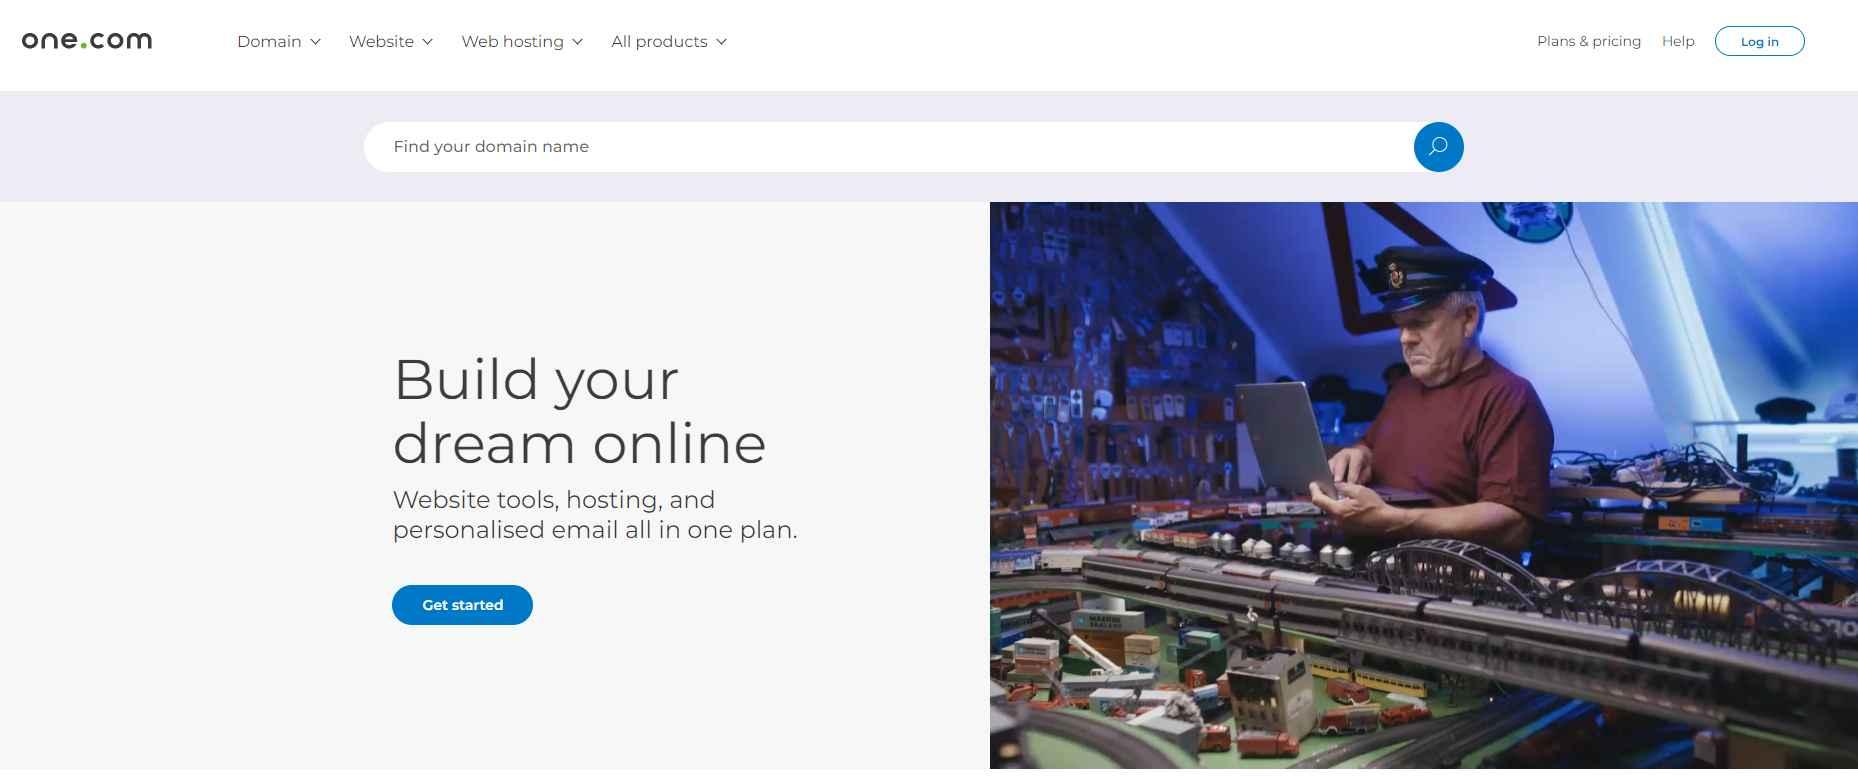 one.com Should I Go for a Cheap Website Design in Singapore